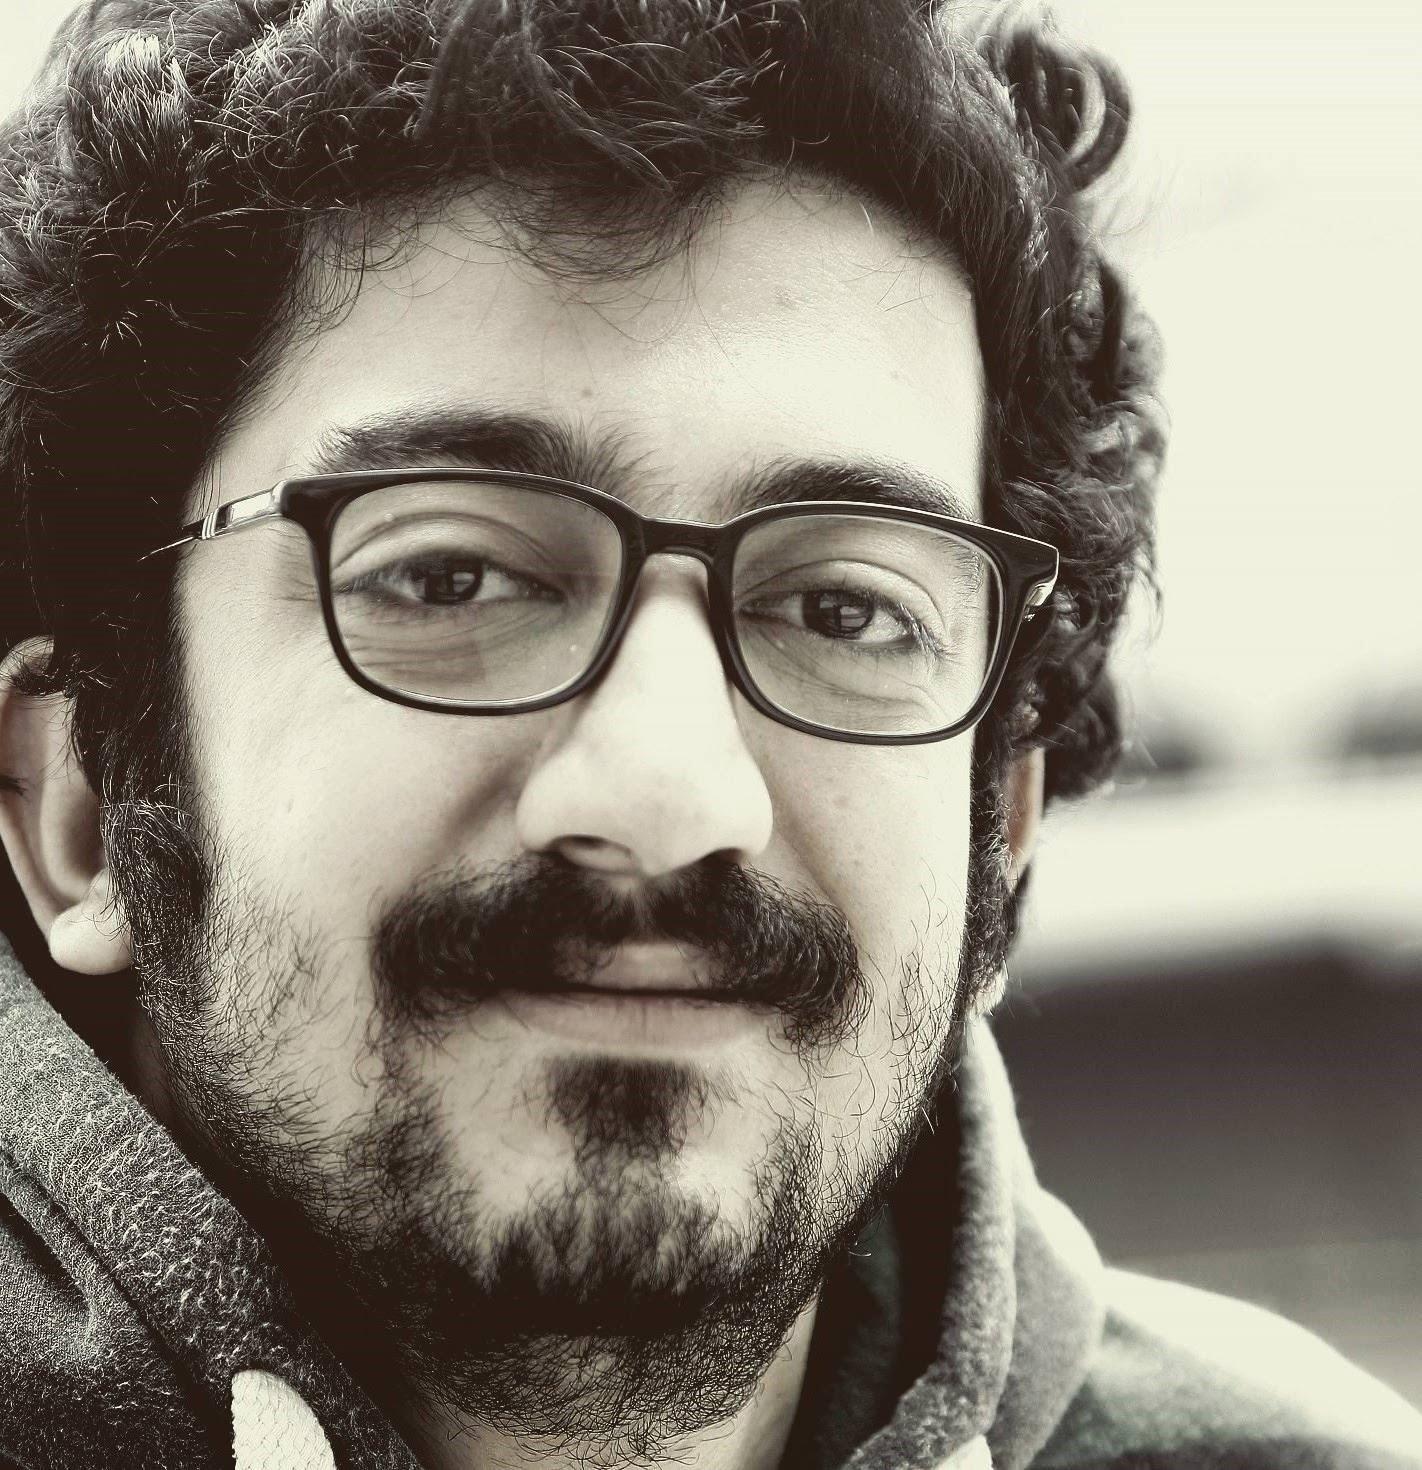 پس از یک ماه اعتصاب غذا؛ مهدی رجبیان به مرخصی چهار روزه اعزام شد